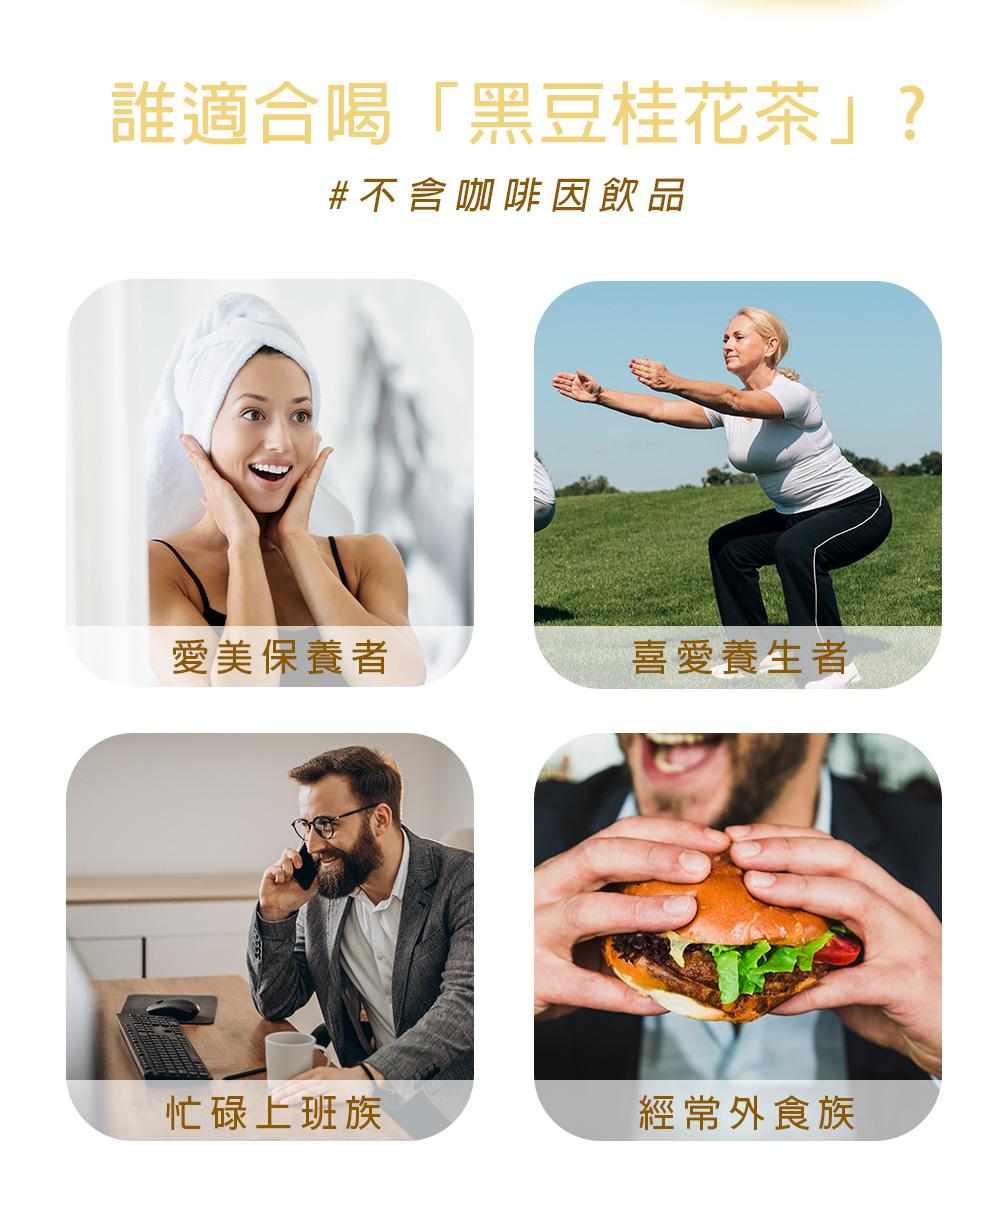 黑豆桂花茶建議飲用族群:忙碌上班族、經常外食者、喜愛養生者、愛美保養者、不能攝取咖啡因者。